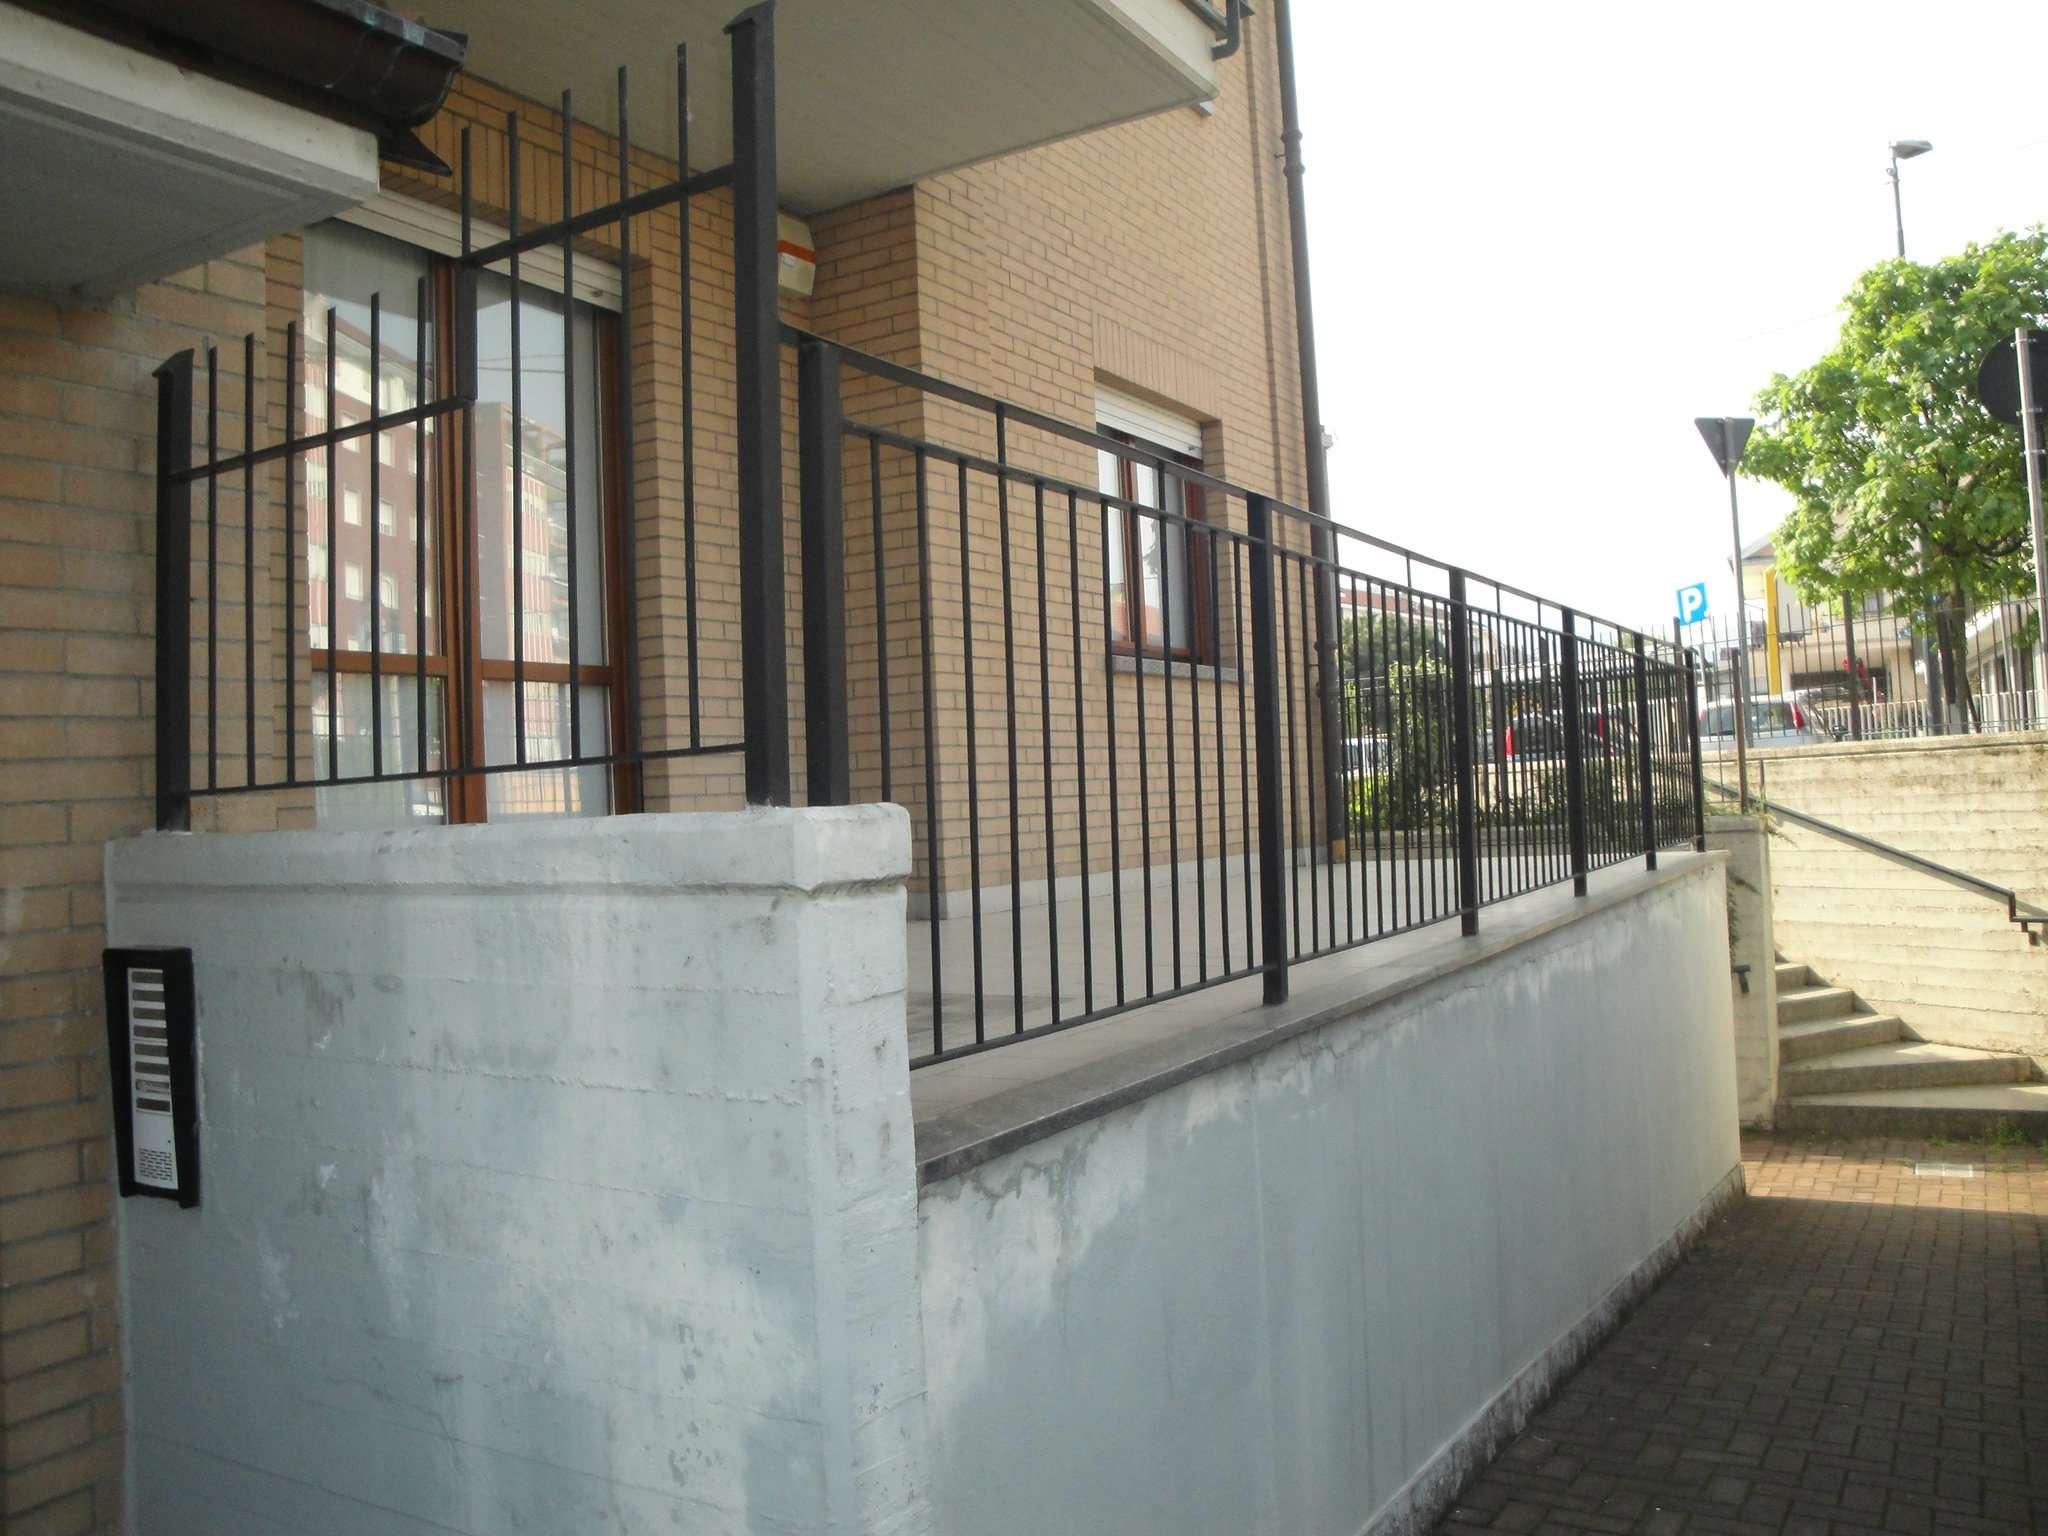 Ufficio / Studio in vendita a Piossasco, 4 locali, prezzo € 135.000 | Cambio Casa.it